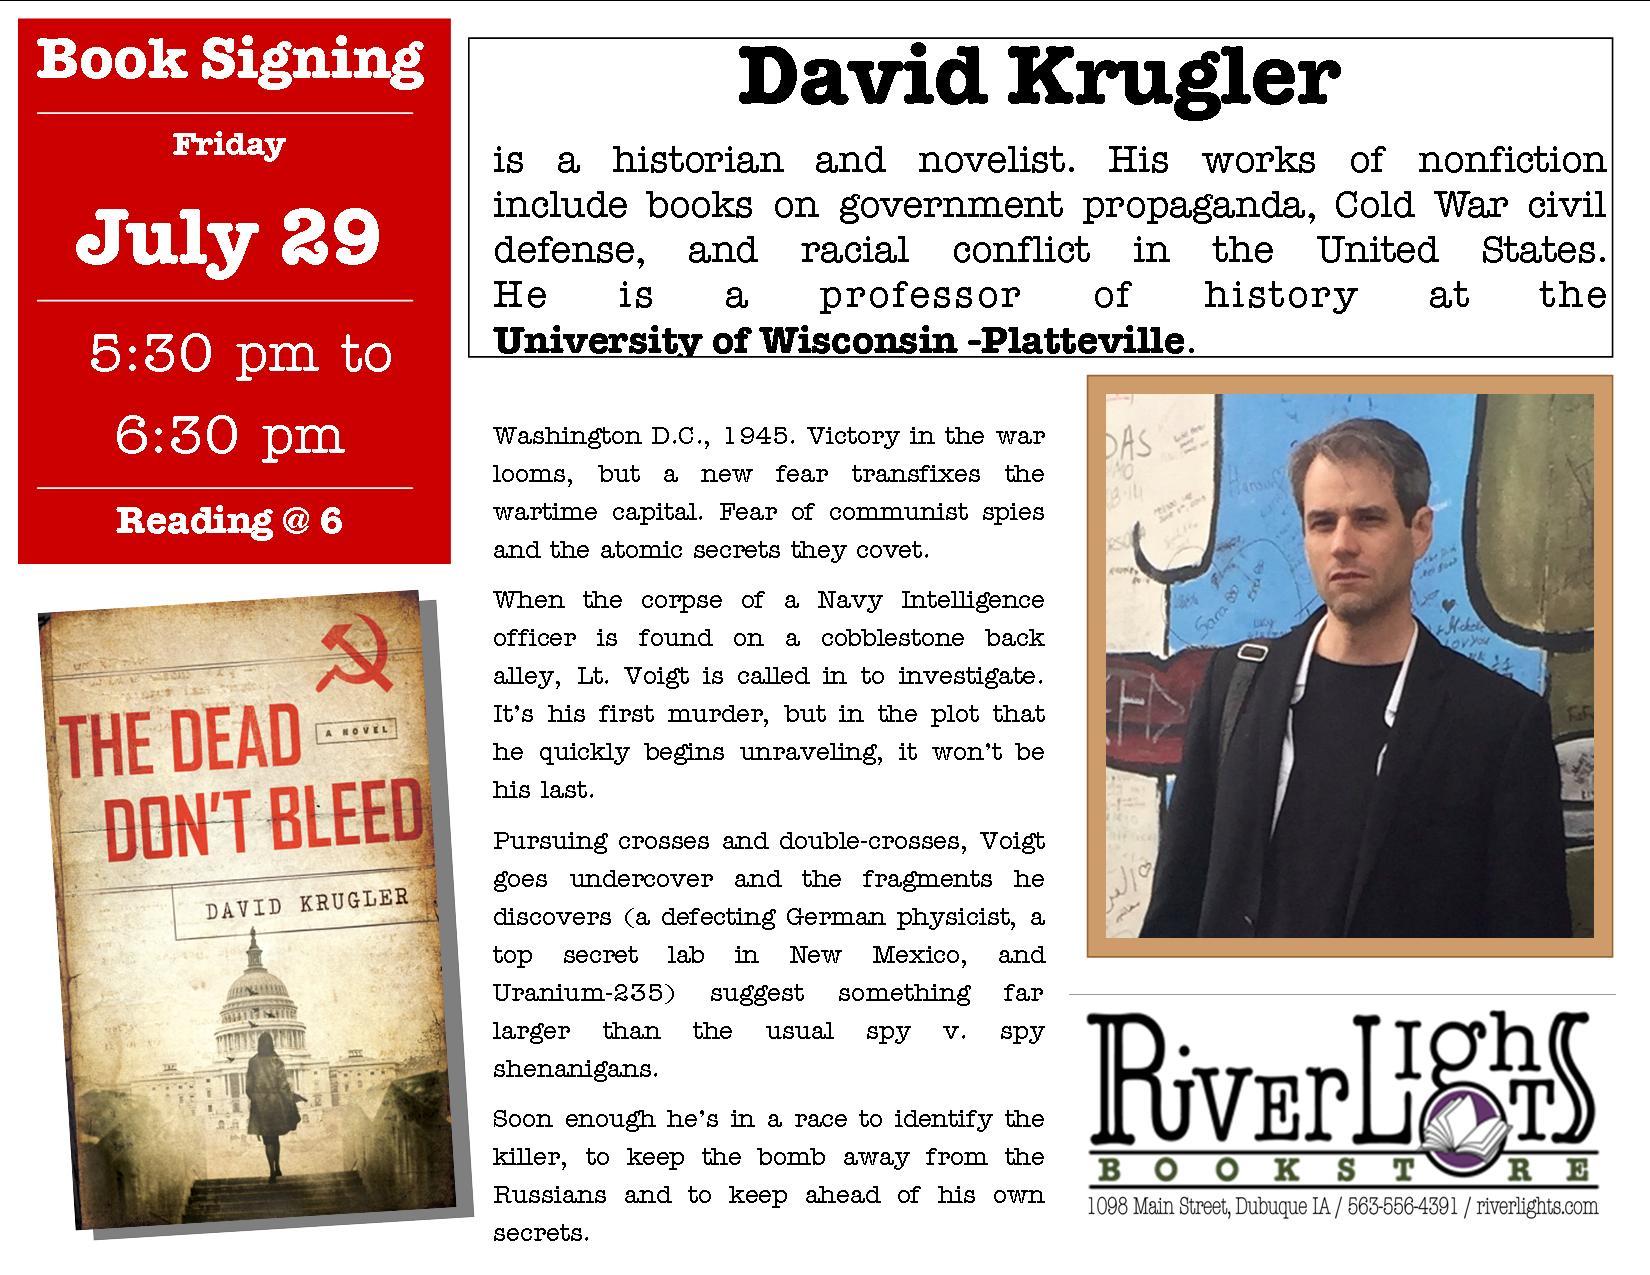 krugler poster